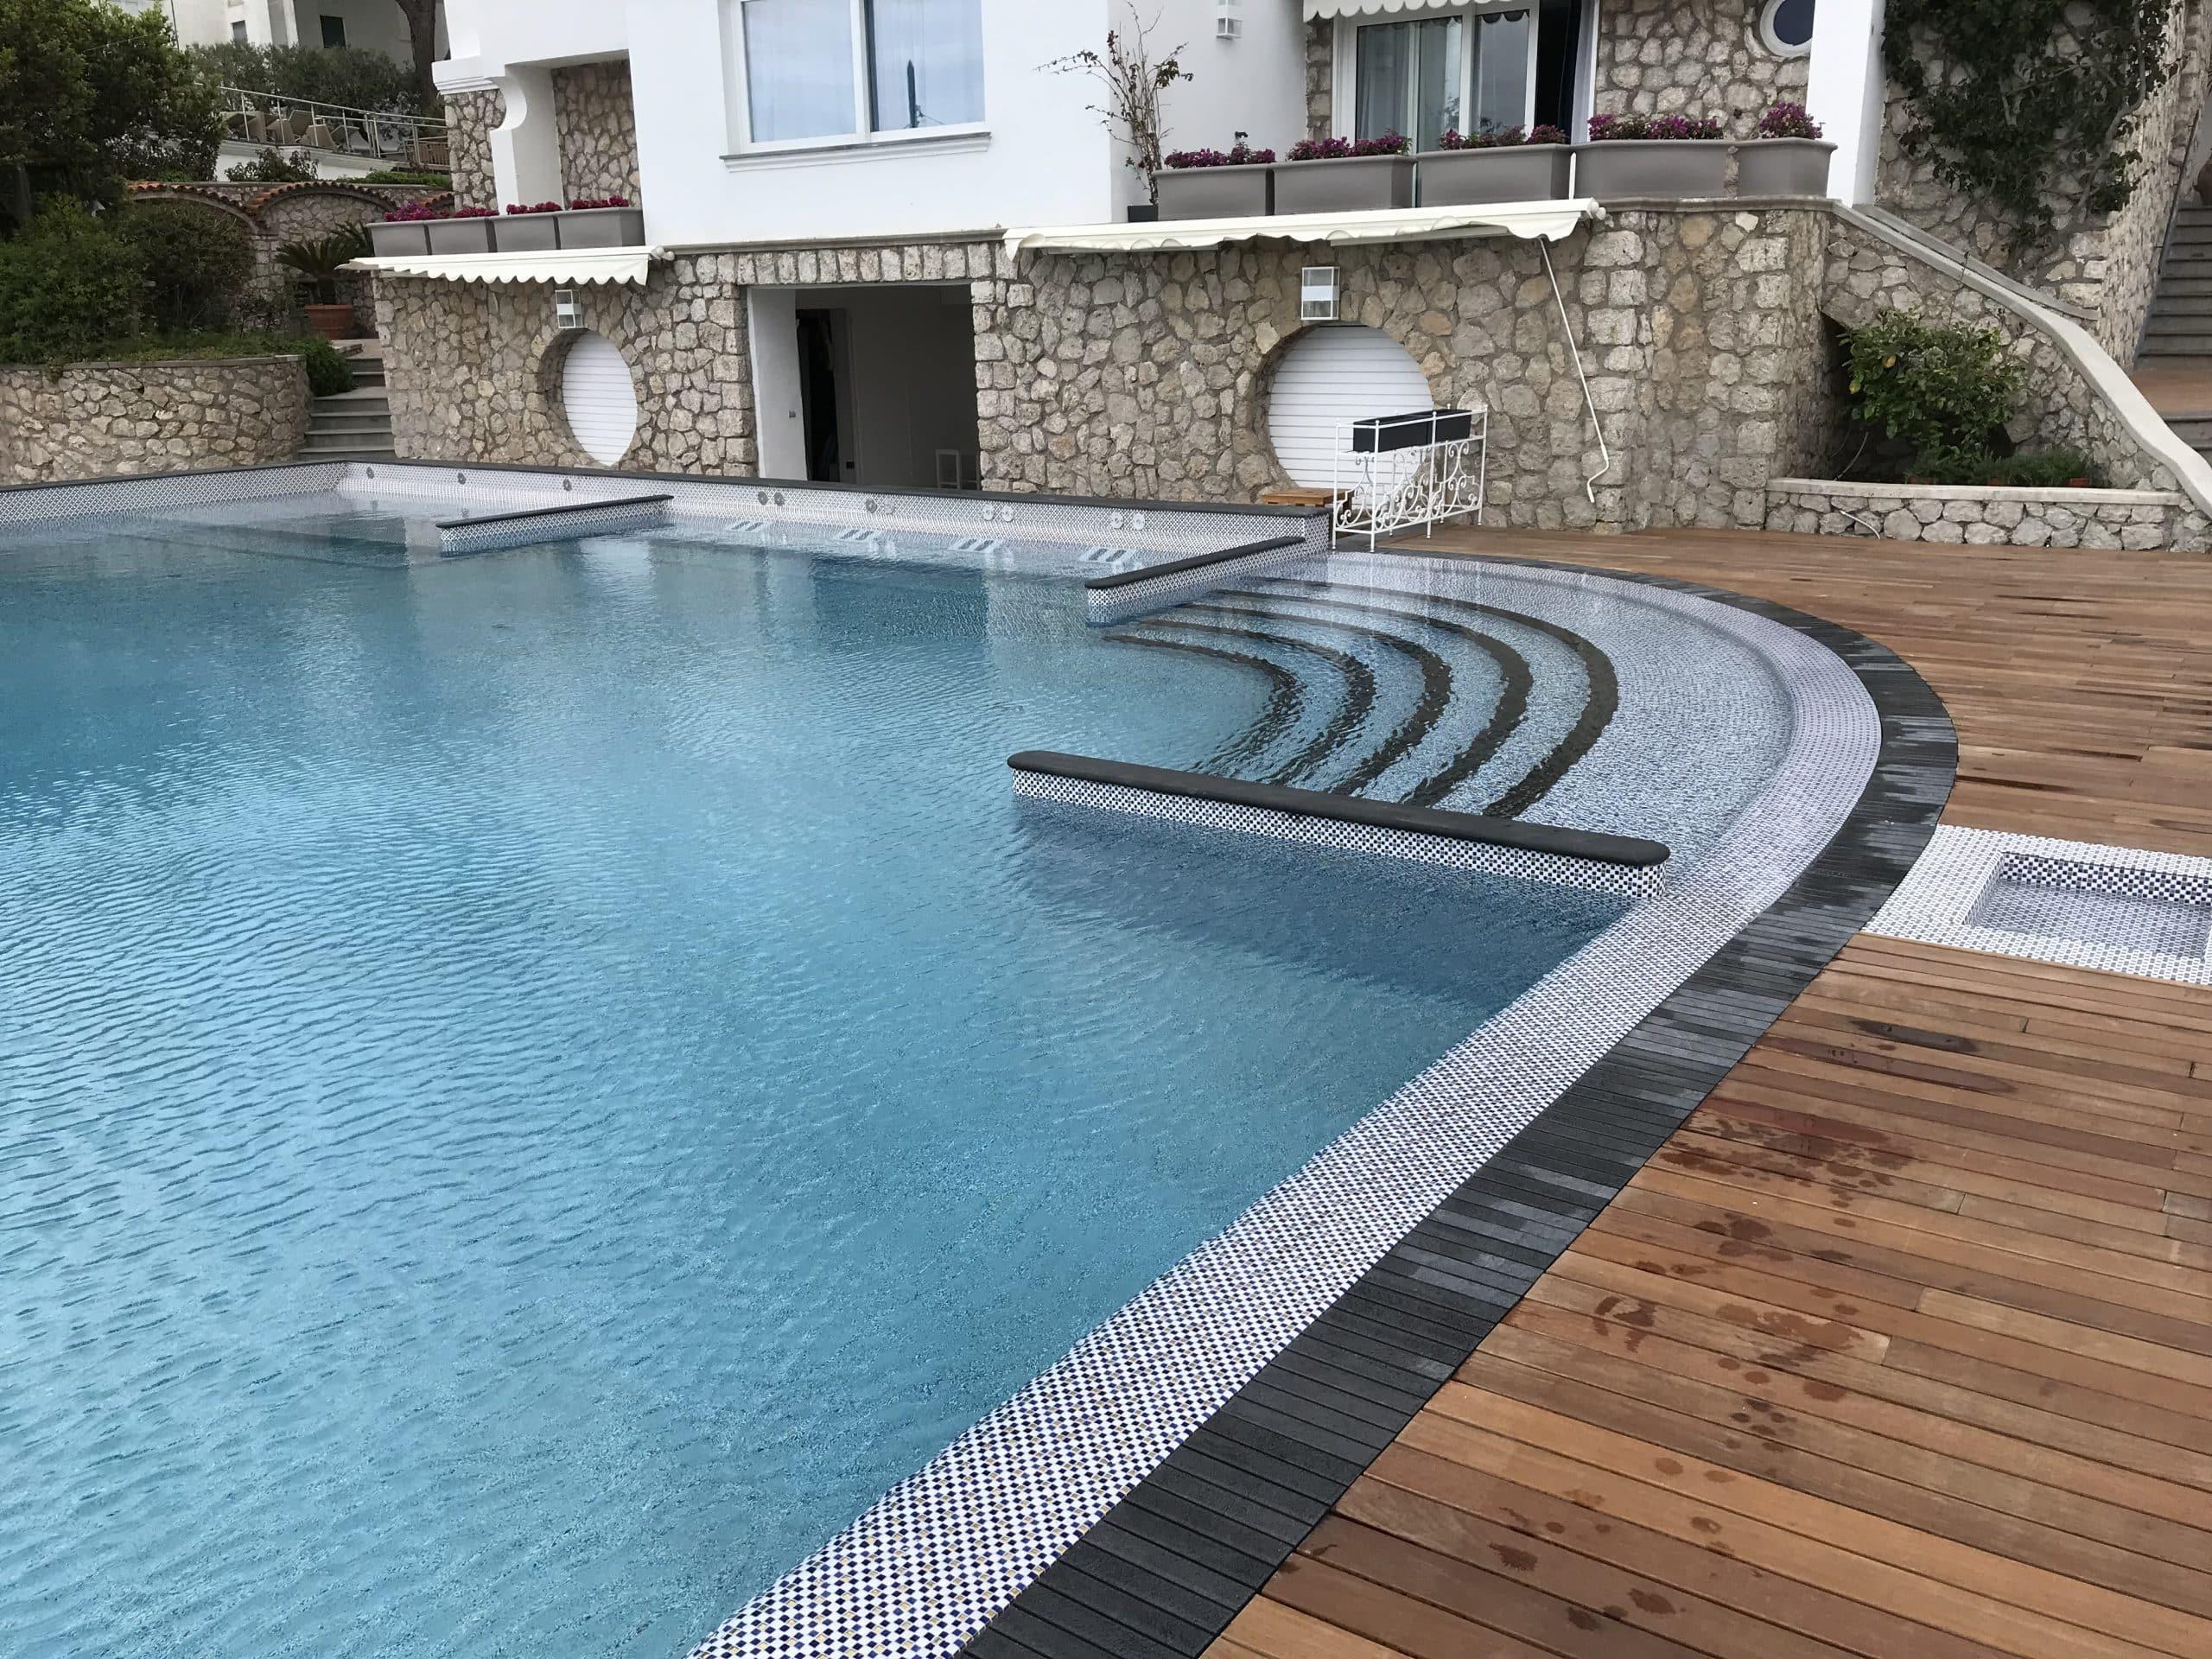 modulartem basen kratka kamienna przelewowa hotelowy prywatny